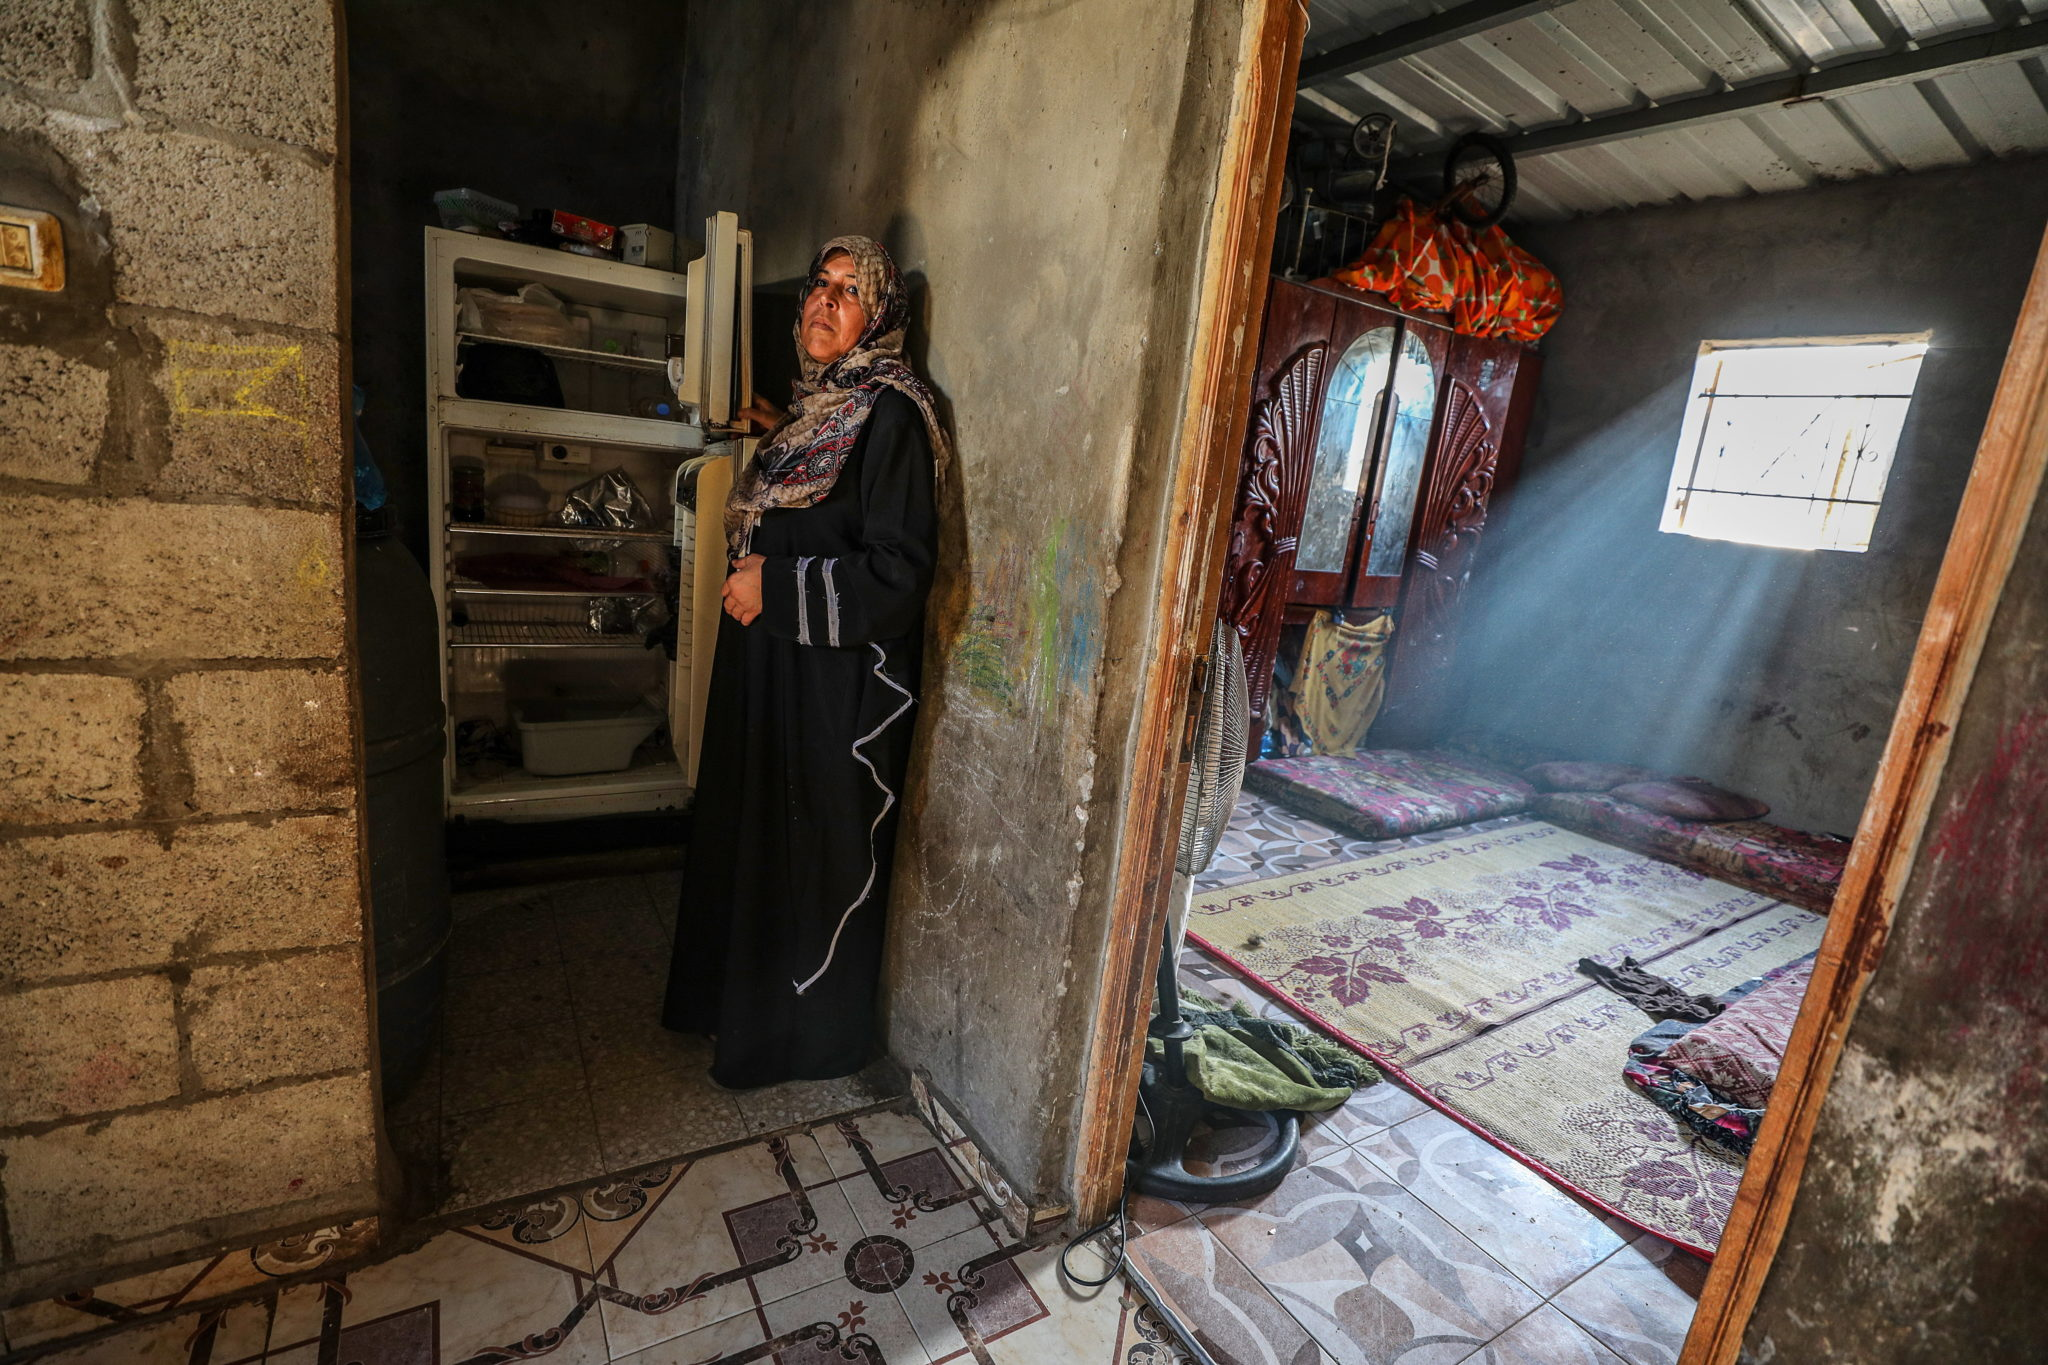 Obóz dla uchodźców Chana Younisa w południowej Stefie Gazy, fot. EPA / MOHAMMED SABER